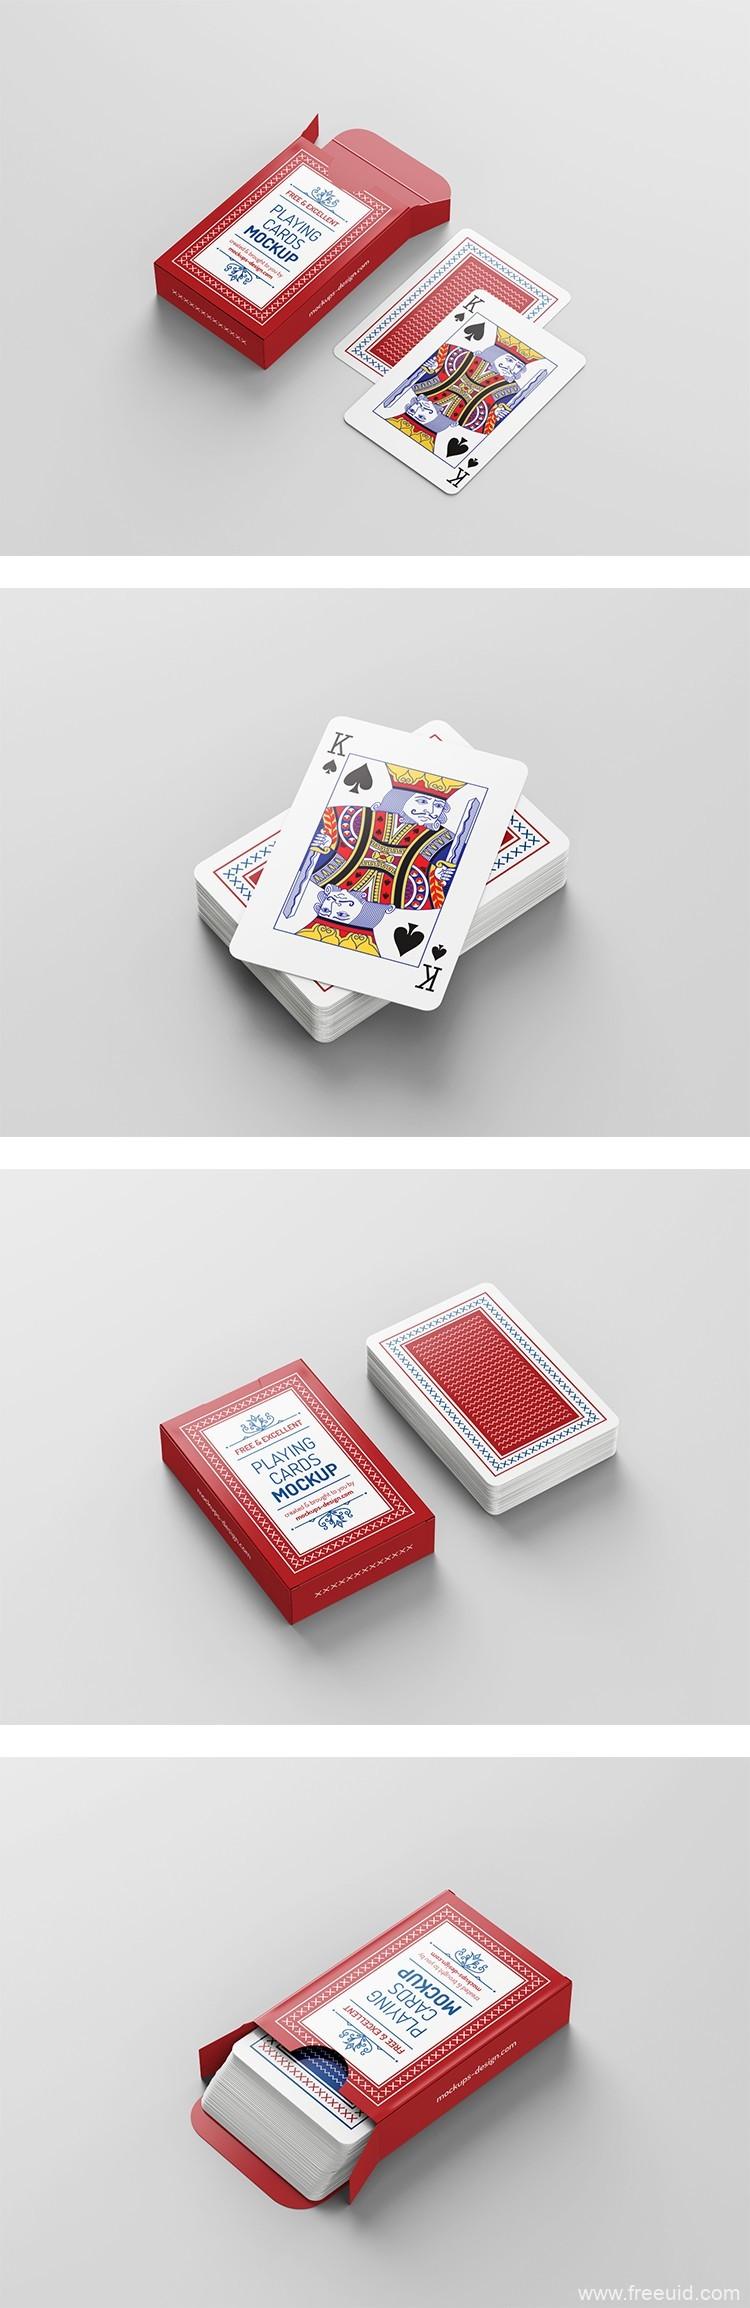 扑克牌展示样机psd源文件免费下载